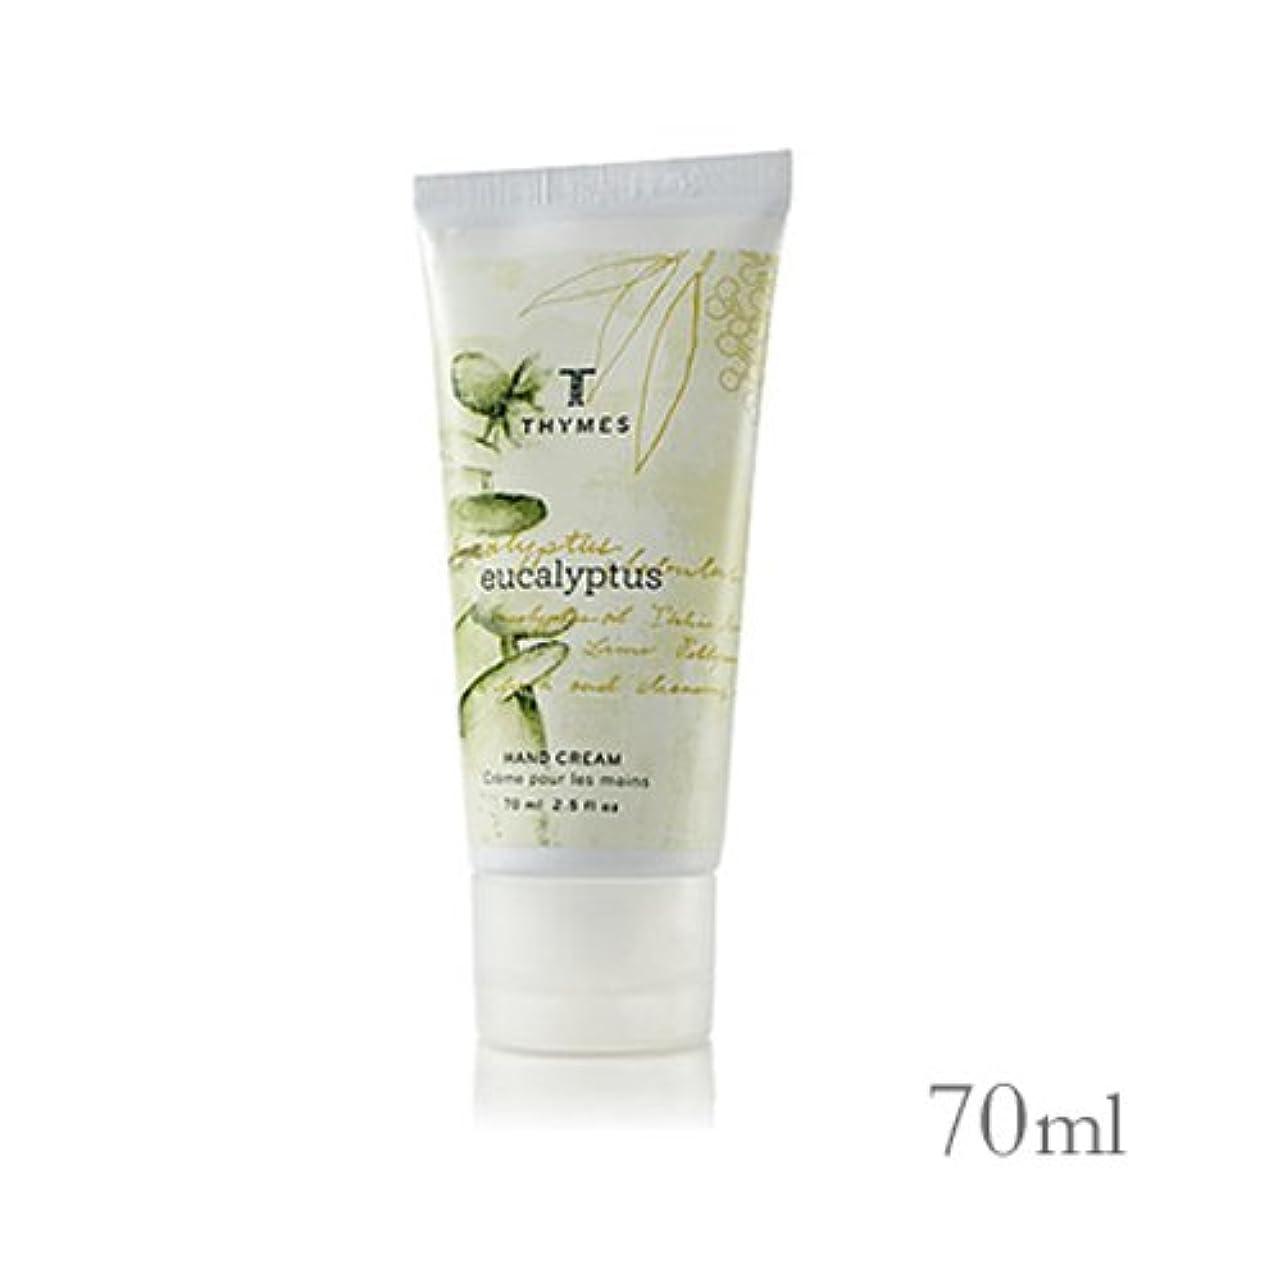 男らしさ代名詞無臭THYMES タイムズ ハンドクリーム 70ml ユーカリ Hand Cream 2.5 fl oz Eucalyptus [並行輸入品]